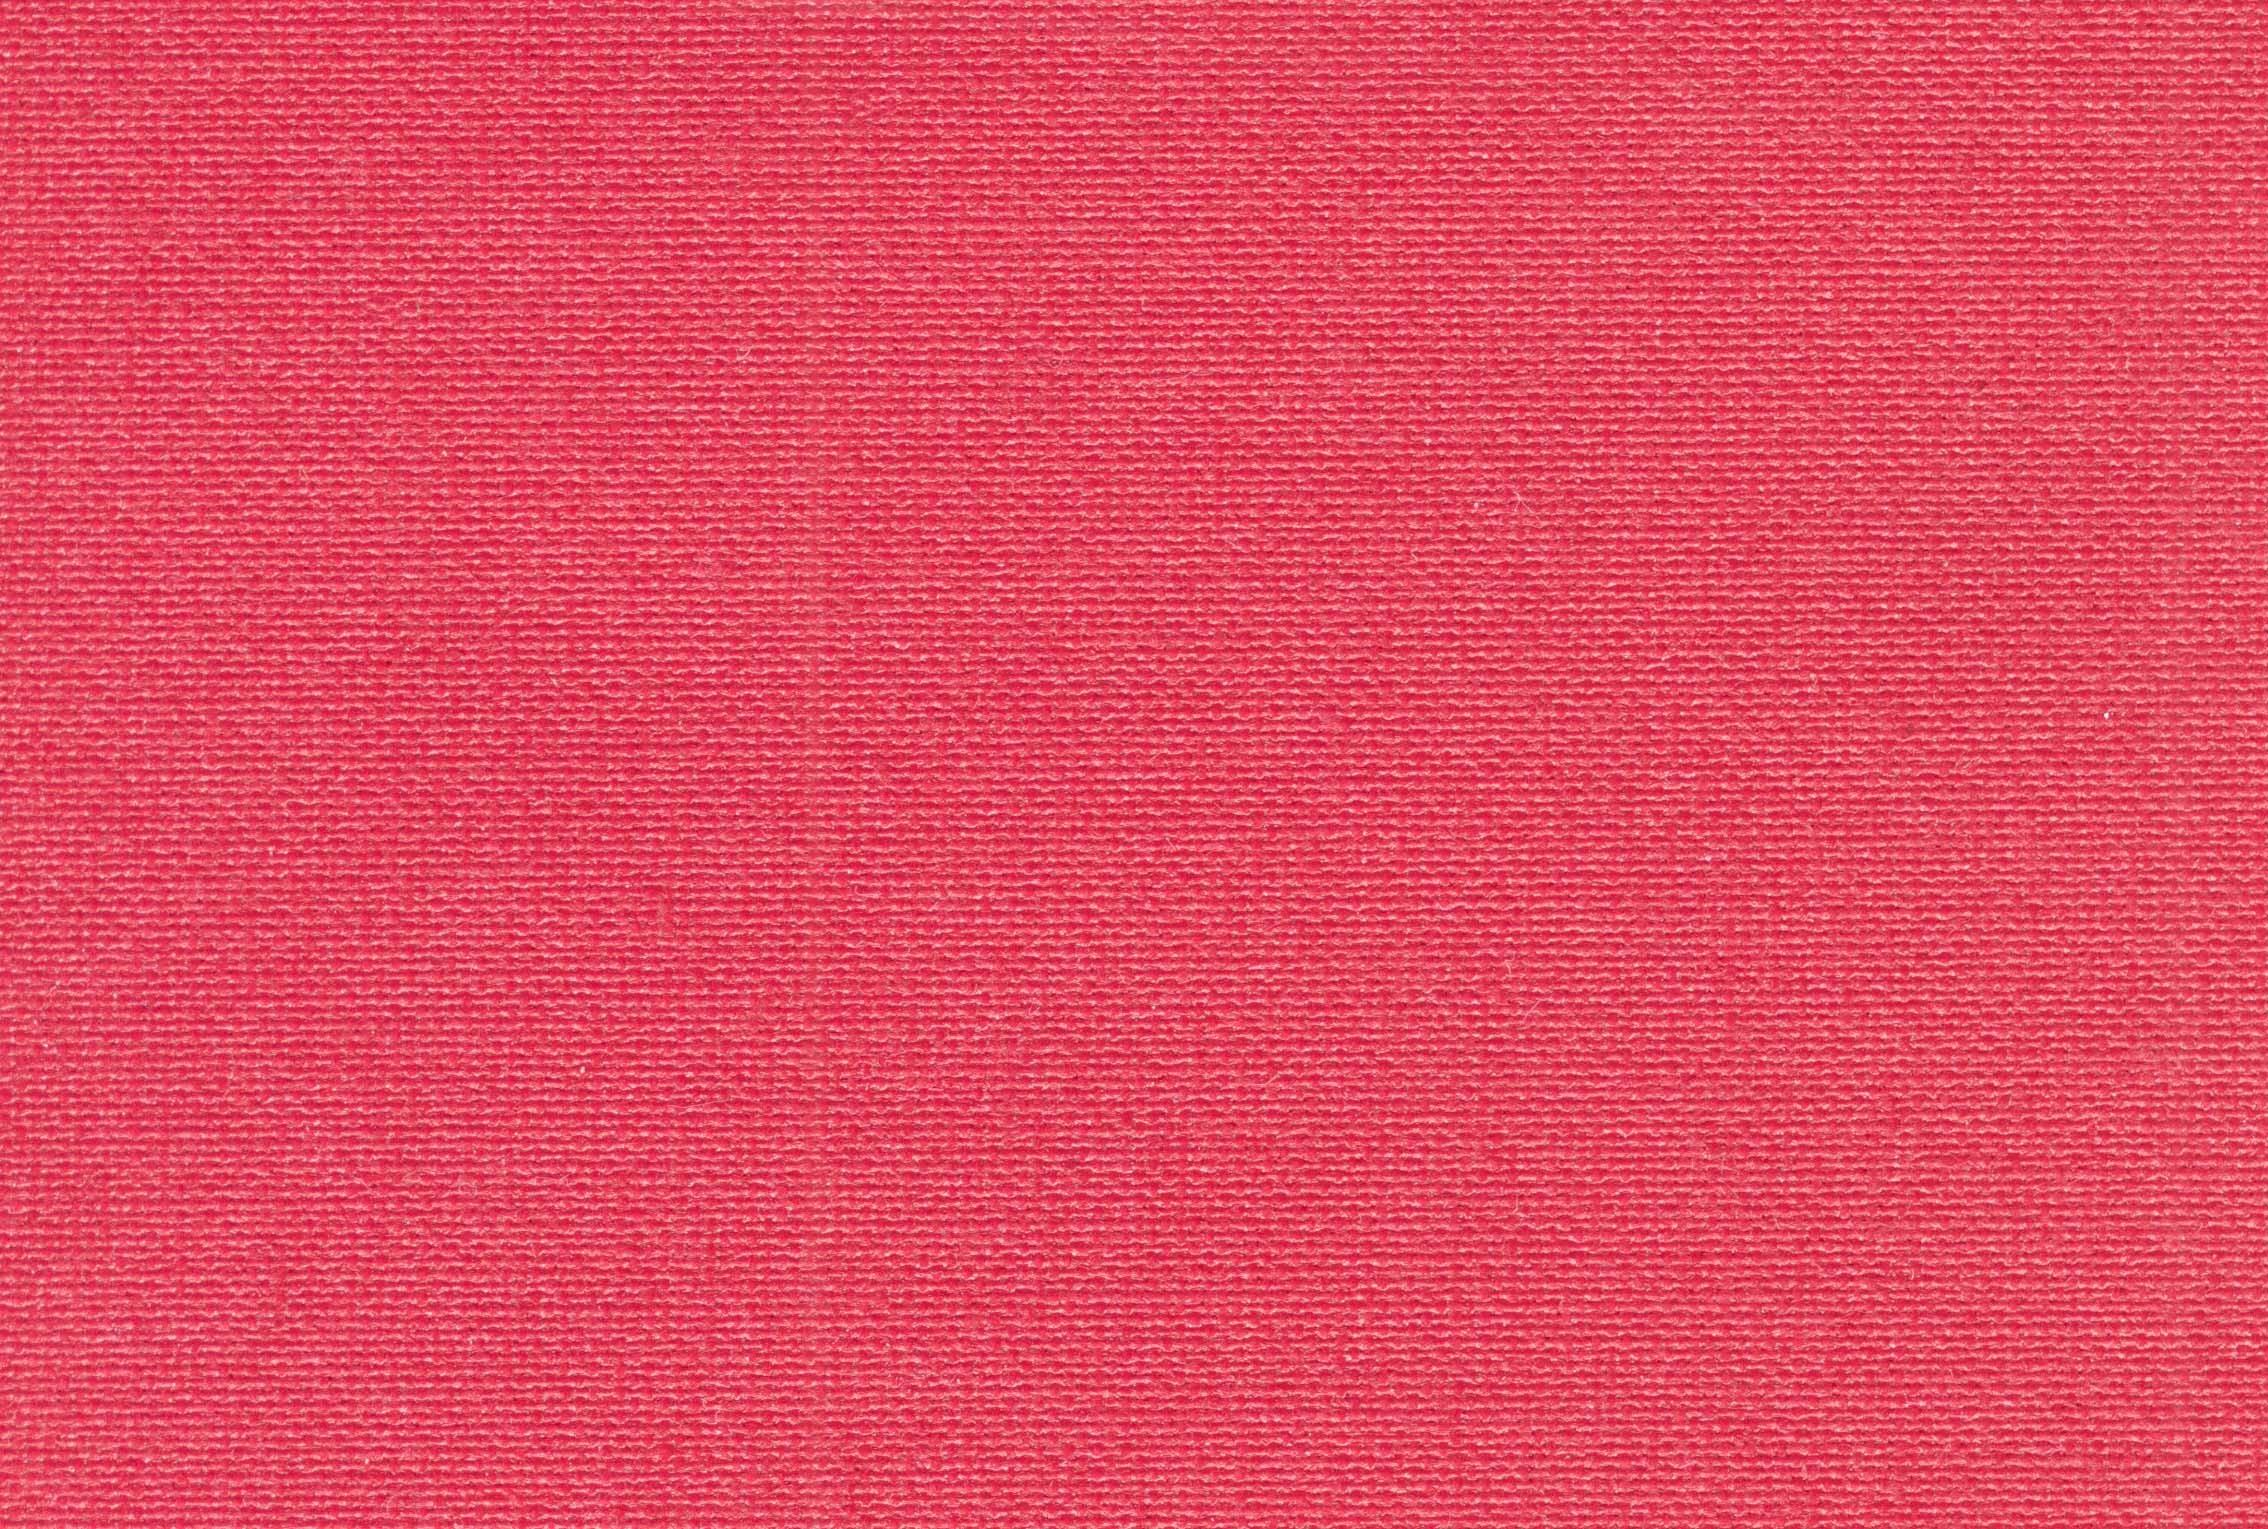 무료 이미지 조직 무늬 선 빨간 담홍색 자료 식탁보 구조 직물 배경 마젠타 바닥